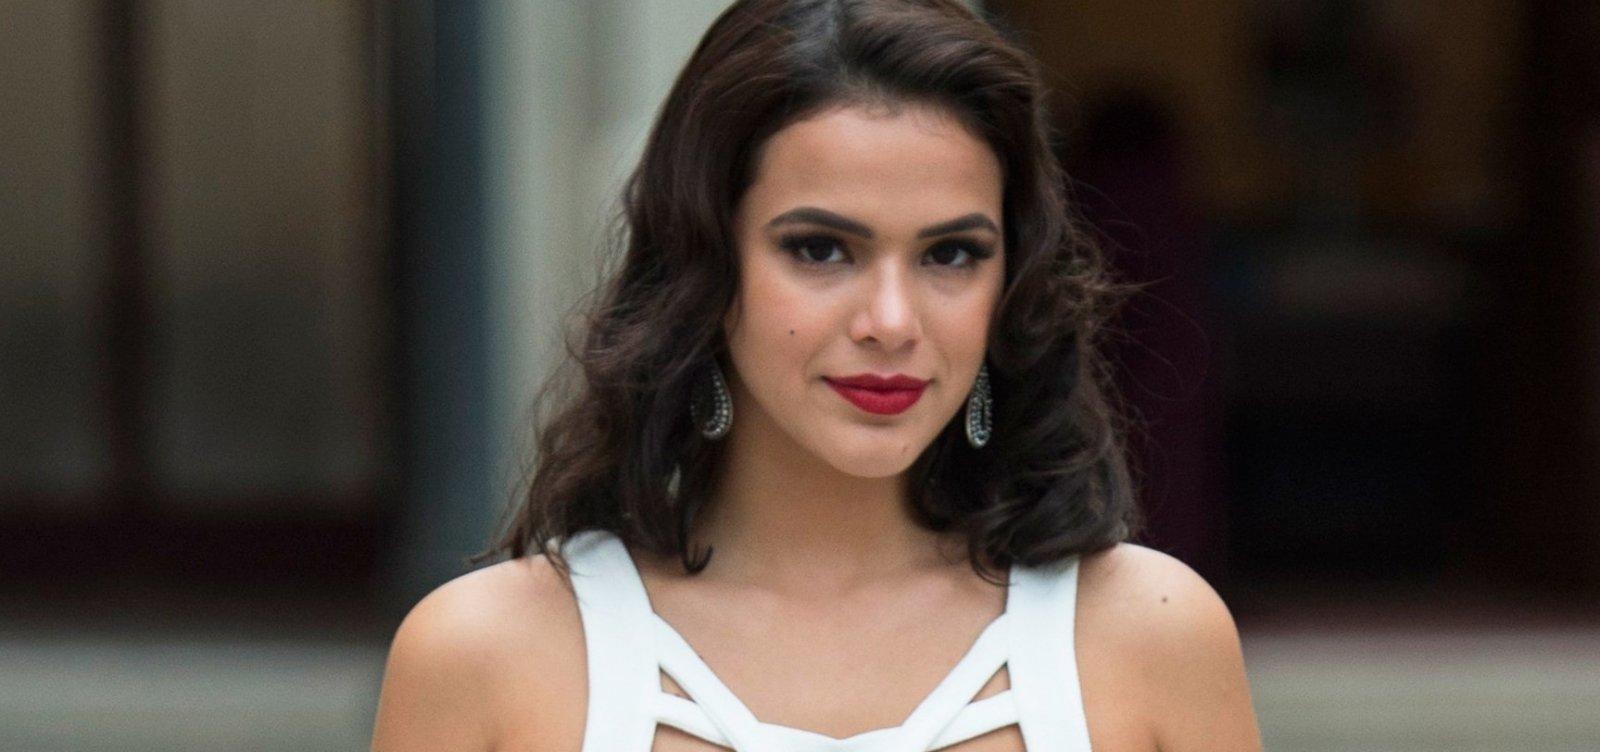 Bruna Marquezine não é reconhecida por fotógrafos em desfile na França, diz colunista